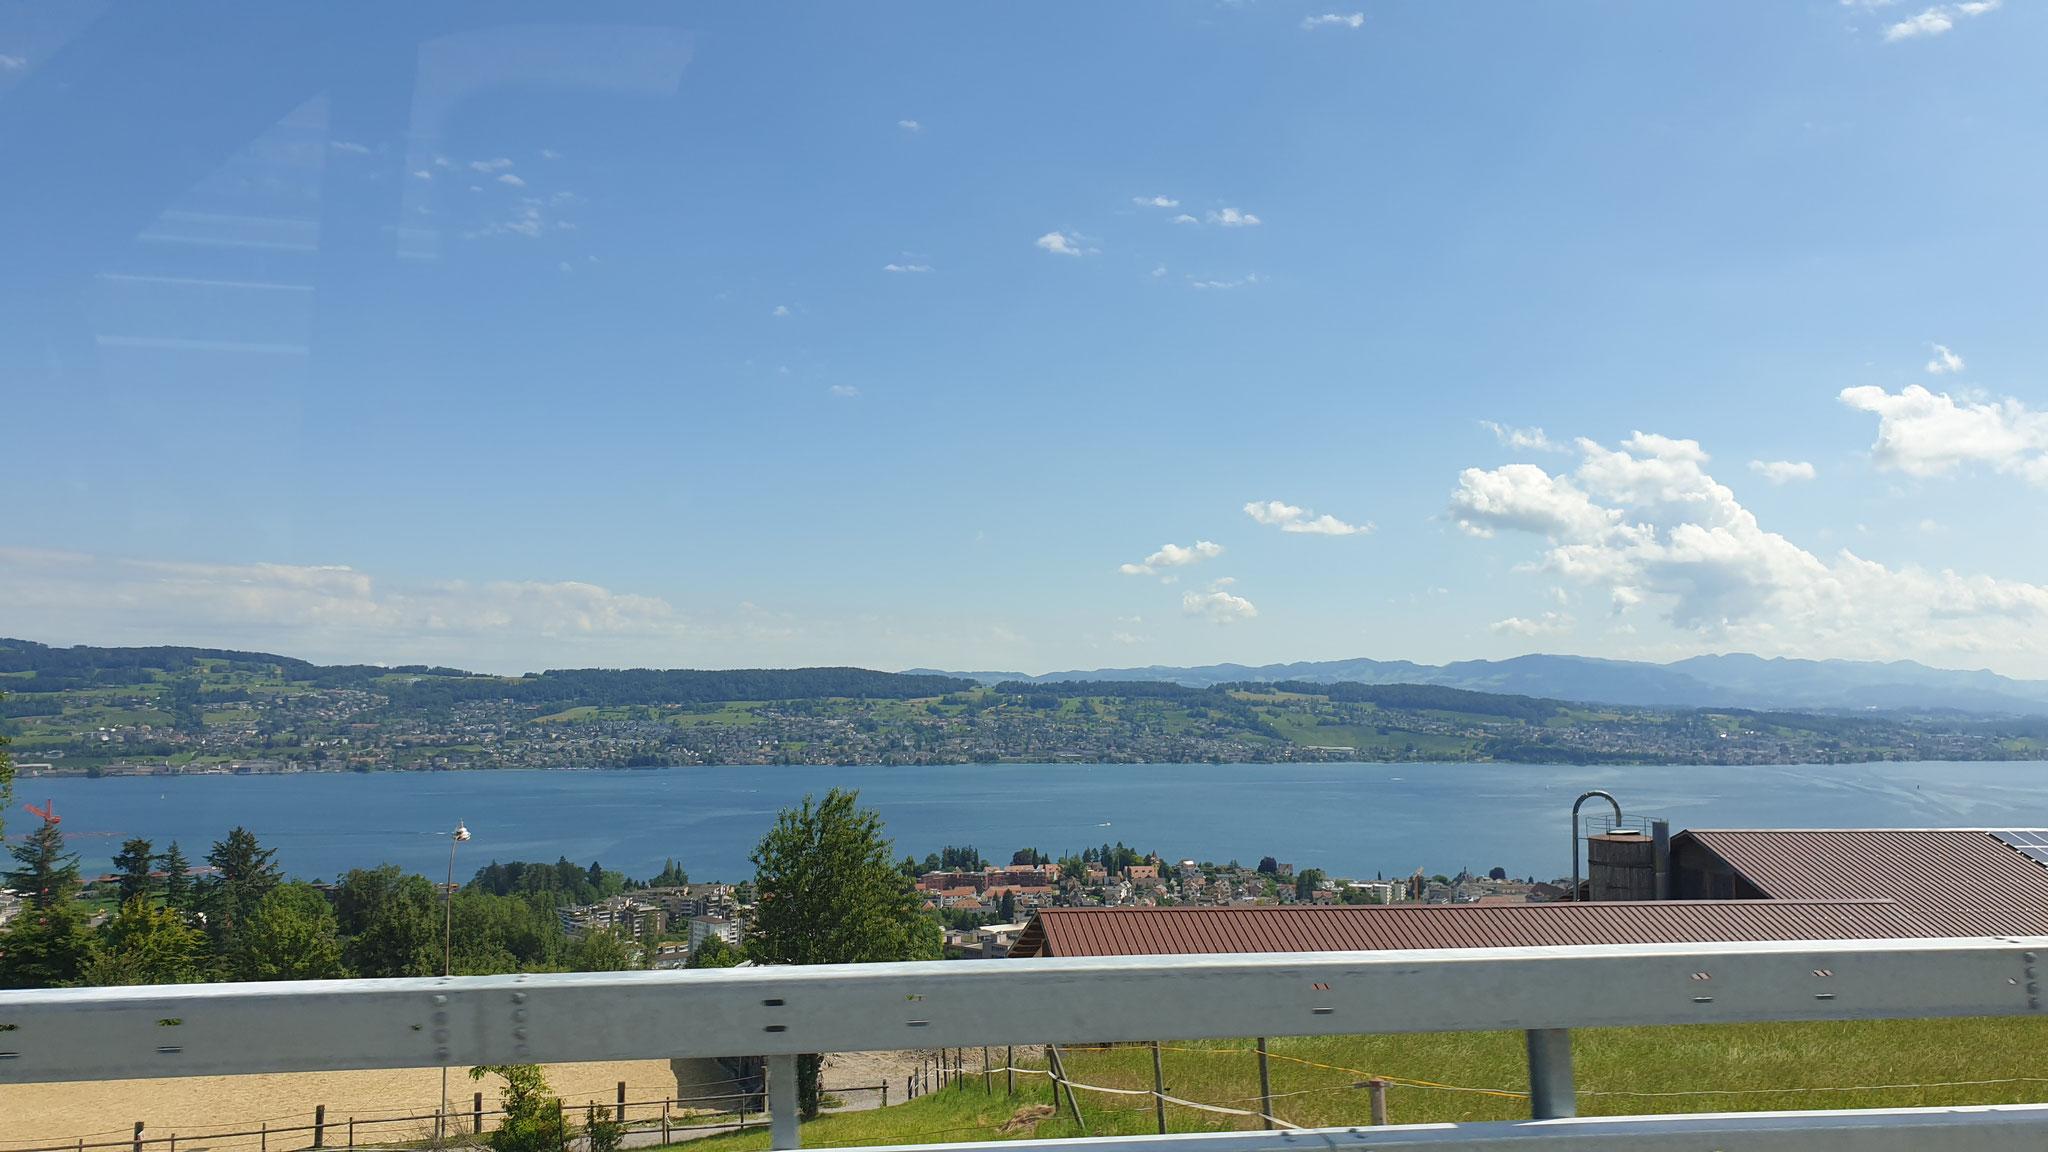 Vorbei am Zürichsee...